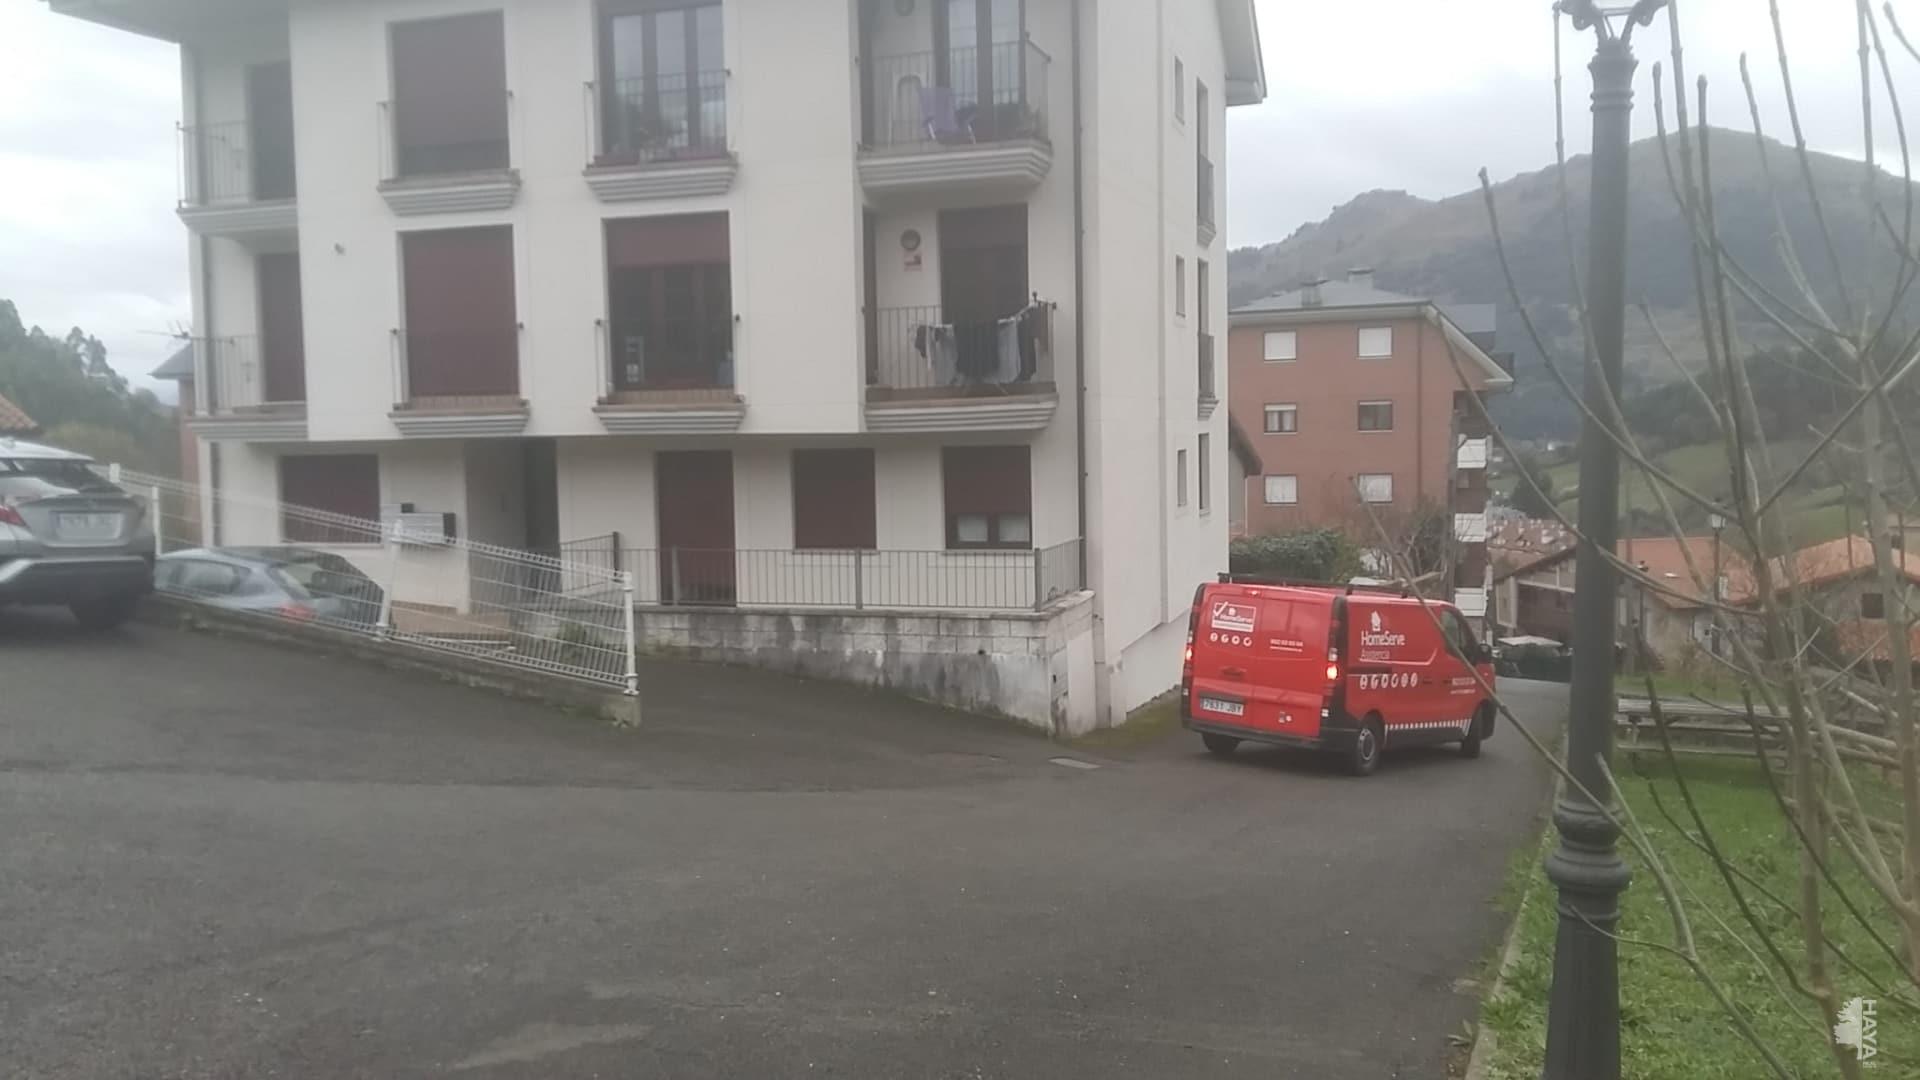 Piso en venta en Limpias, Cantabria, Calle del Canton, 54.000 €, 3 habitaciones, 1 baño, 55 m2